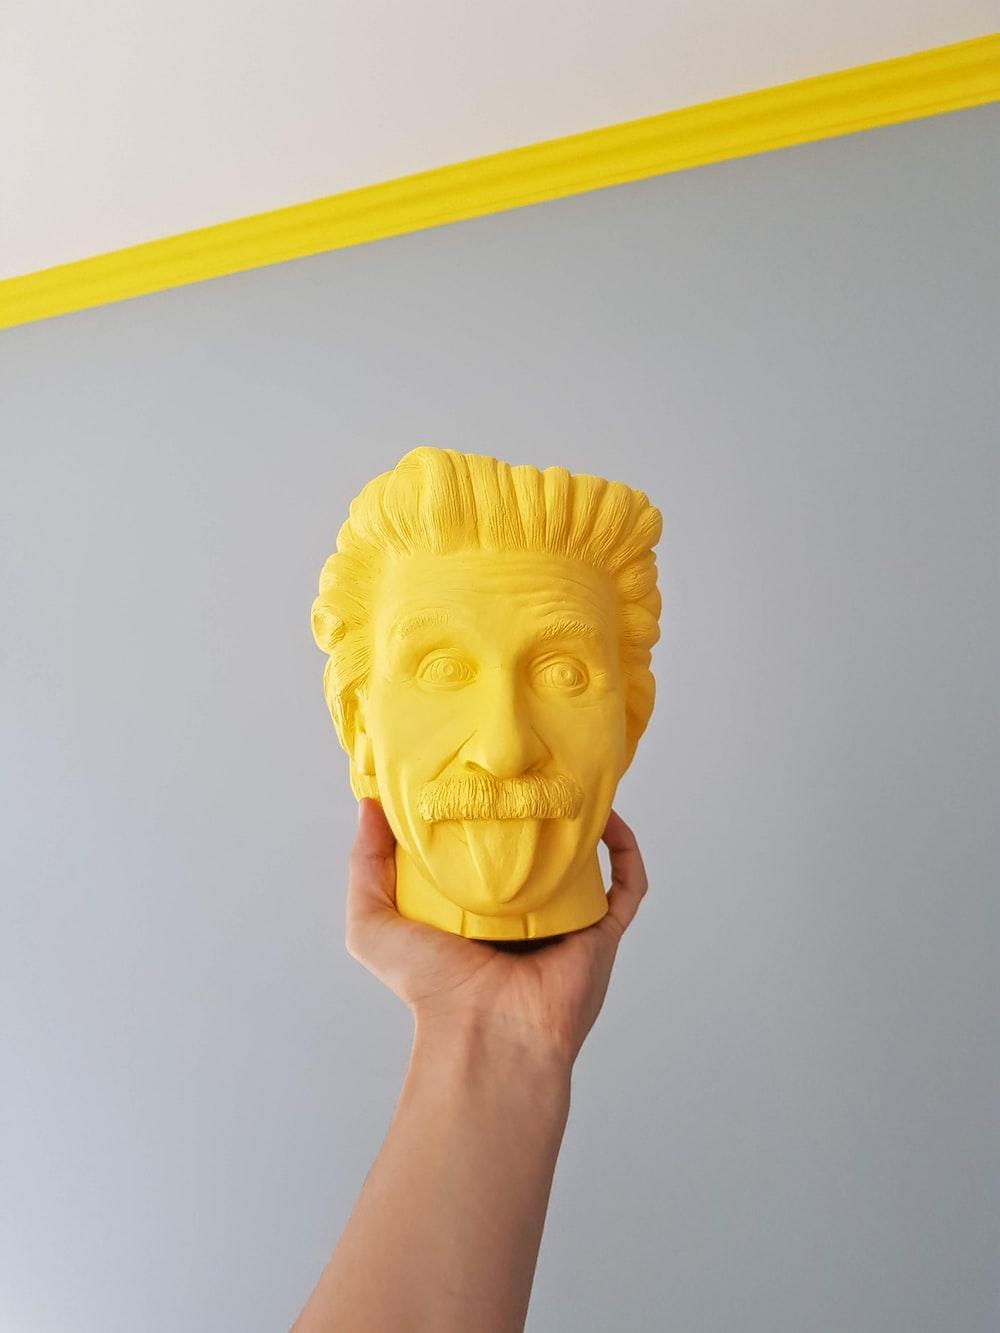 Realistic Sculpture Art